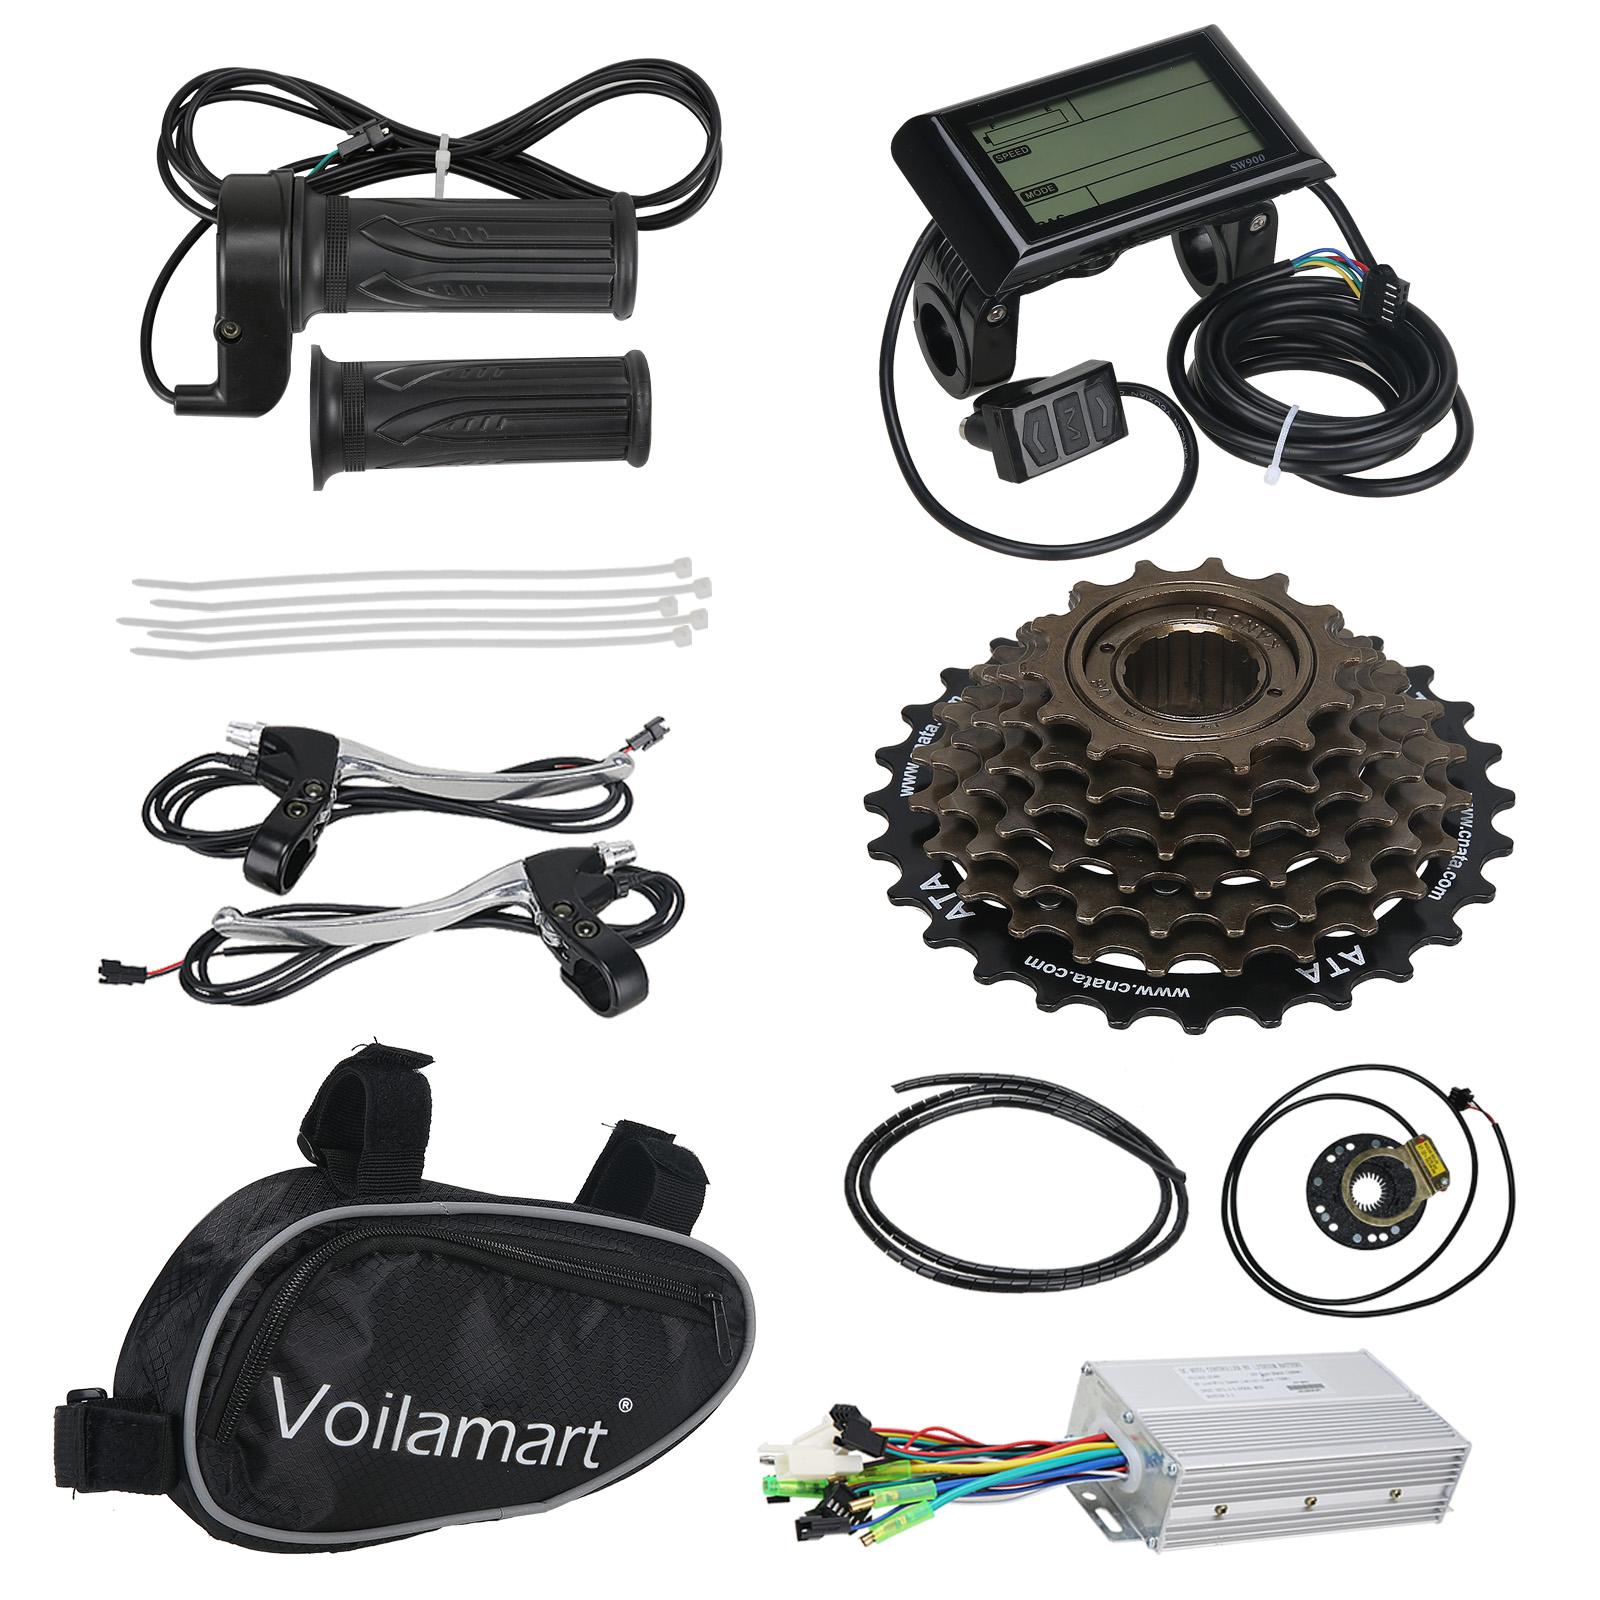 26 elektro fahrrad kit ebike elektrofahrrad umbausatz kit. Black Bedroom Furniture Sets. Home Design Ideas